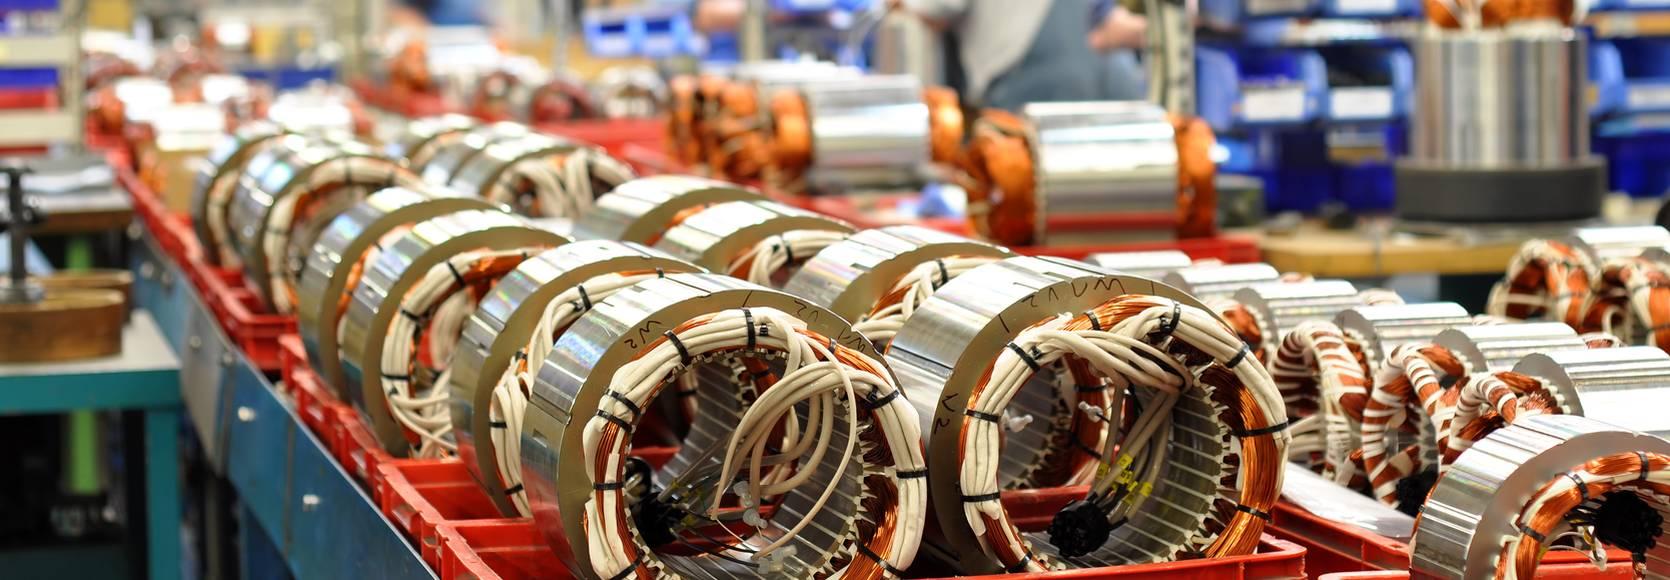 MaschinenbauProduktionslinie_AdobeStock_industrieblick_41914014_header